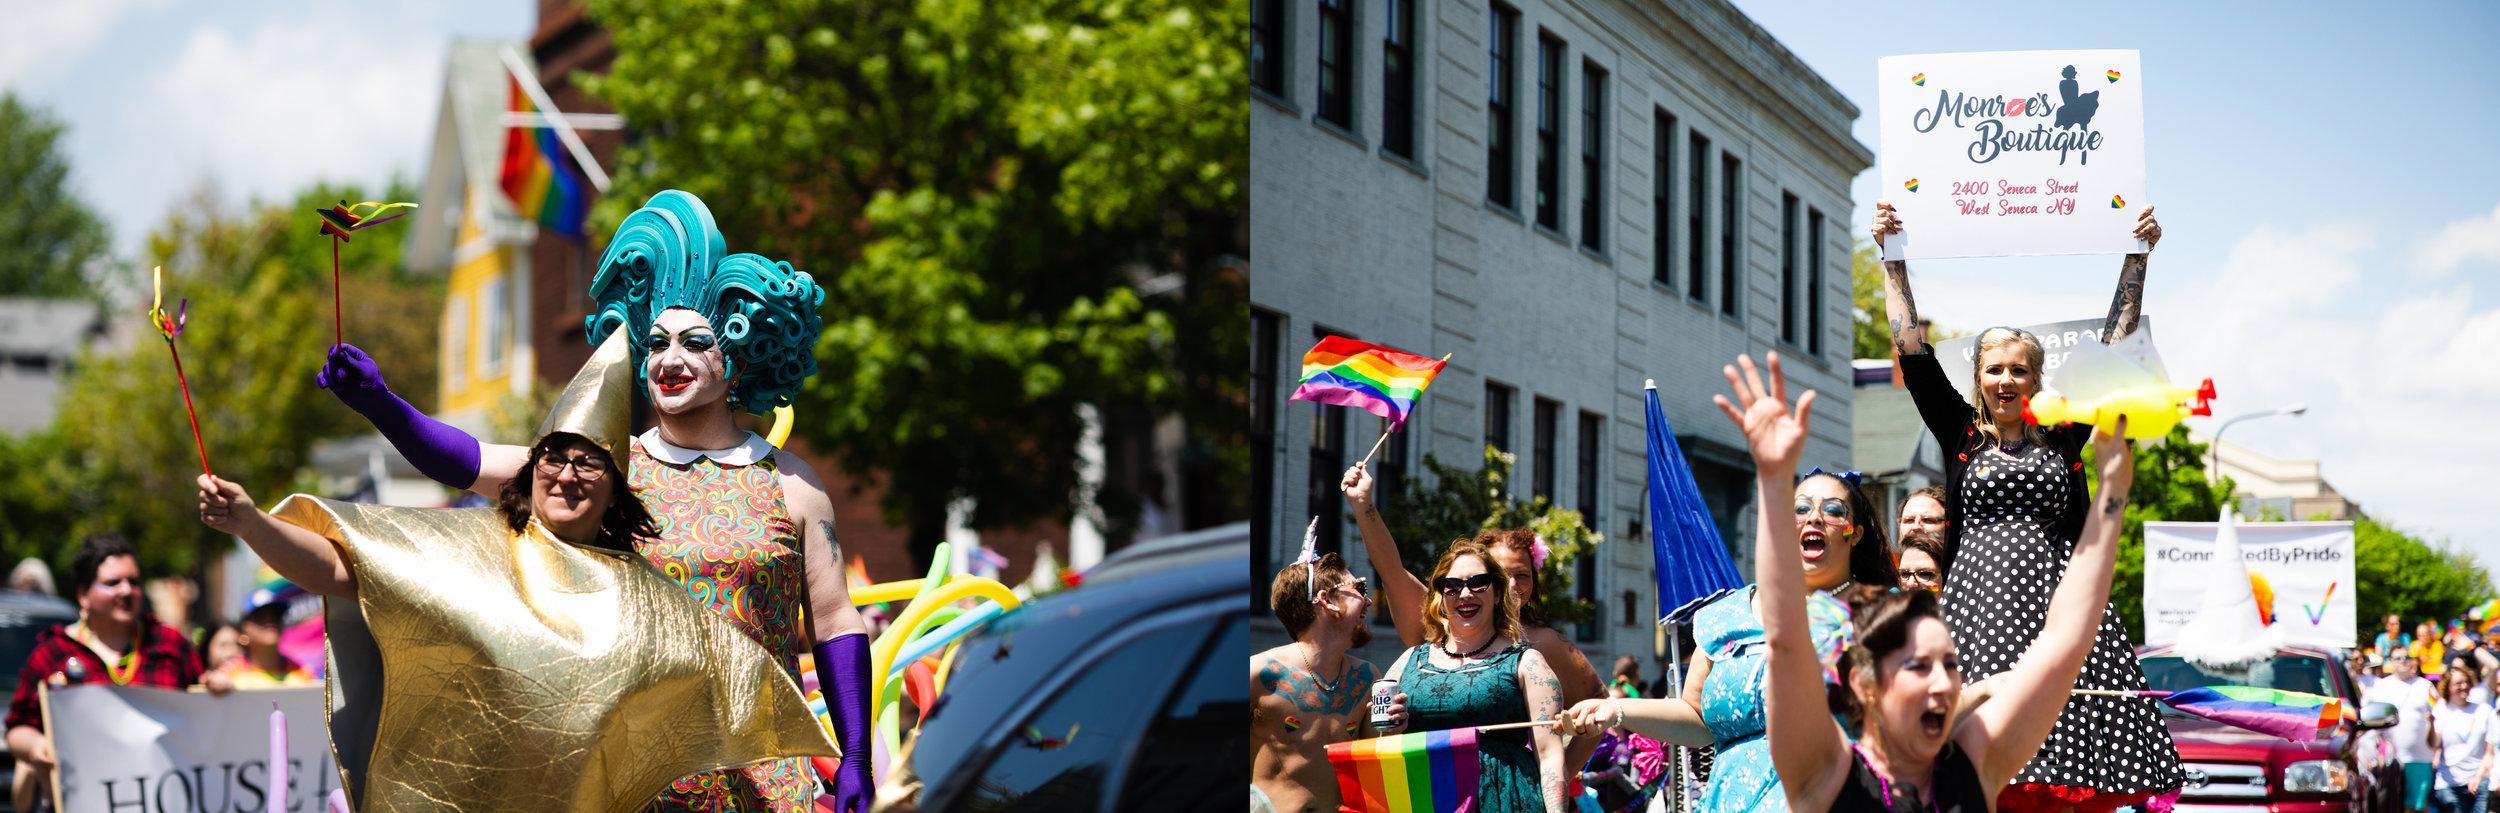 pride_2019_blog_21.jpg